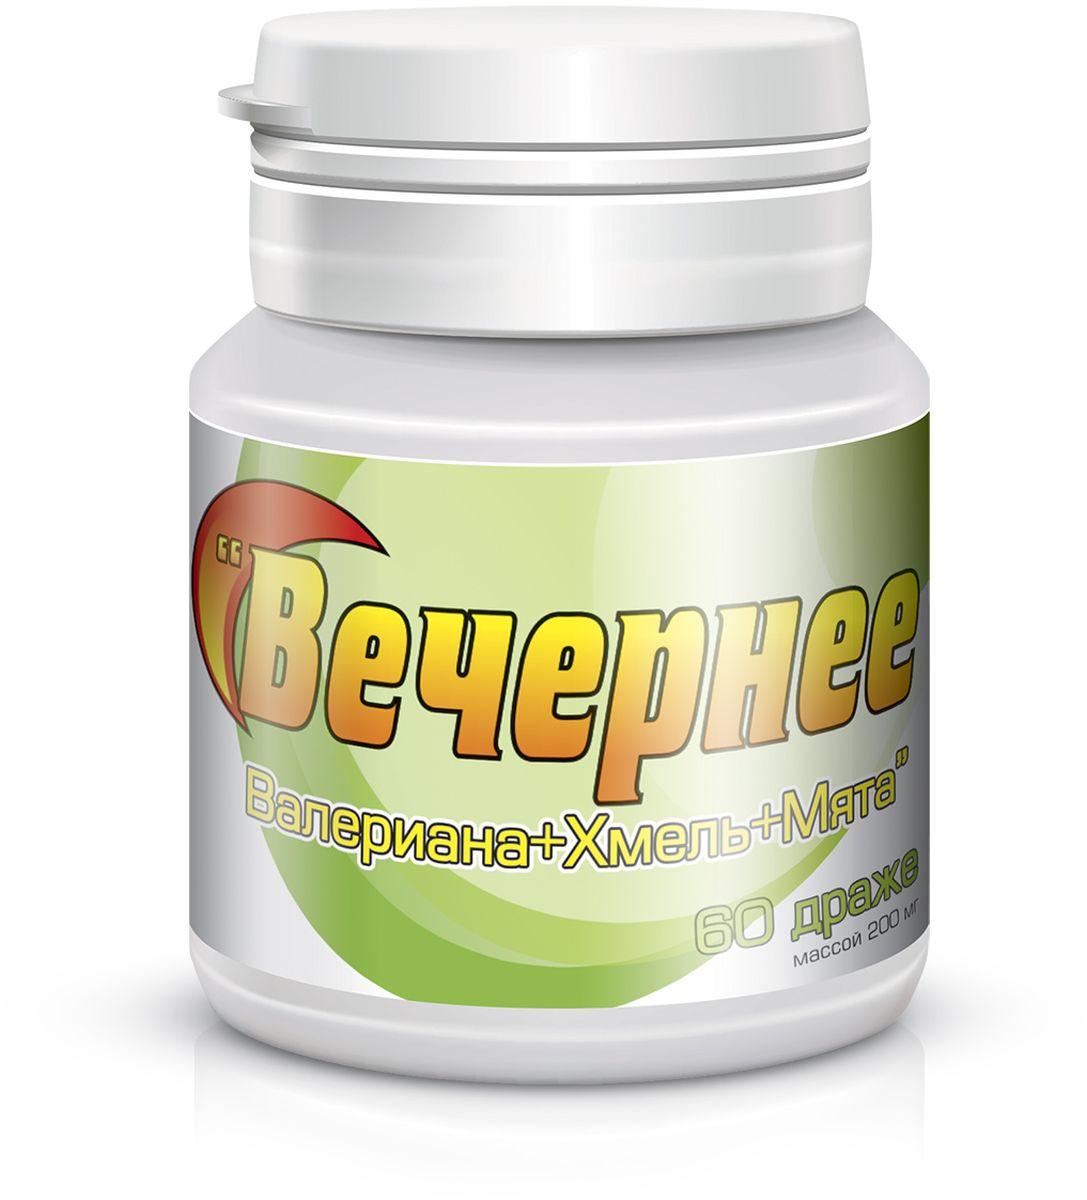 Вечернее Секреты долголетия, 0,205 г, №60ВЧ_0688Валериана лекарственная – оказывает седативное, транквилизирующее действие на центральную нервную систему, регулирует сердечную деятельность, обладает спазмолитическими и желчегонными свойствами, усиливает секрецию железистого аппарата желудочно-кишечного тракта. Мята - применяют при гастрите, атонии кишечника, спазмах желудка и кишечника, энтероколите. Соплодия (шишки) хмеля обыкновенного содержат эфирное масло, горькое вещество липулин, аскорбиновую, хмеледубильную, гумуленовую и валериановую кислоты, триметиламин, смолу, камедь, красящее и дубильные вещества, холин, горечи, гипоксантин, воск, фитонциды.